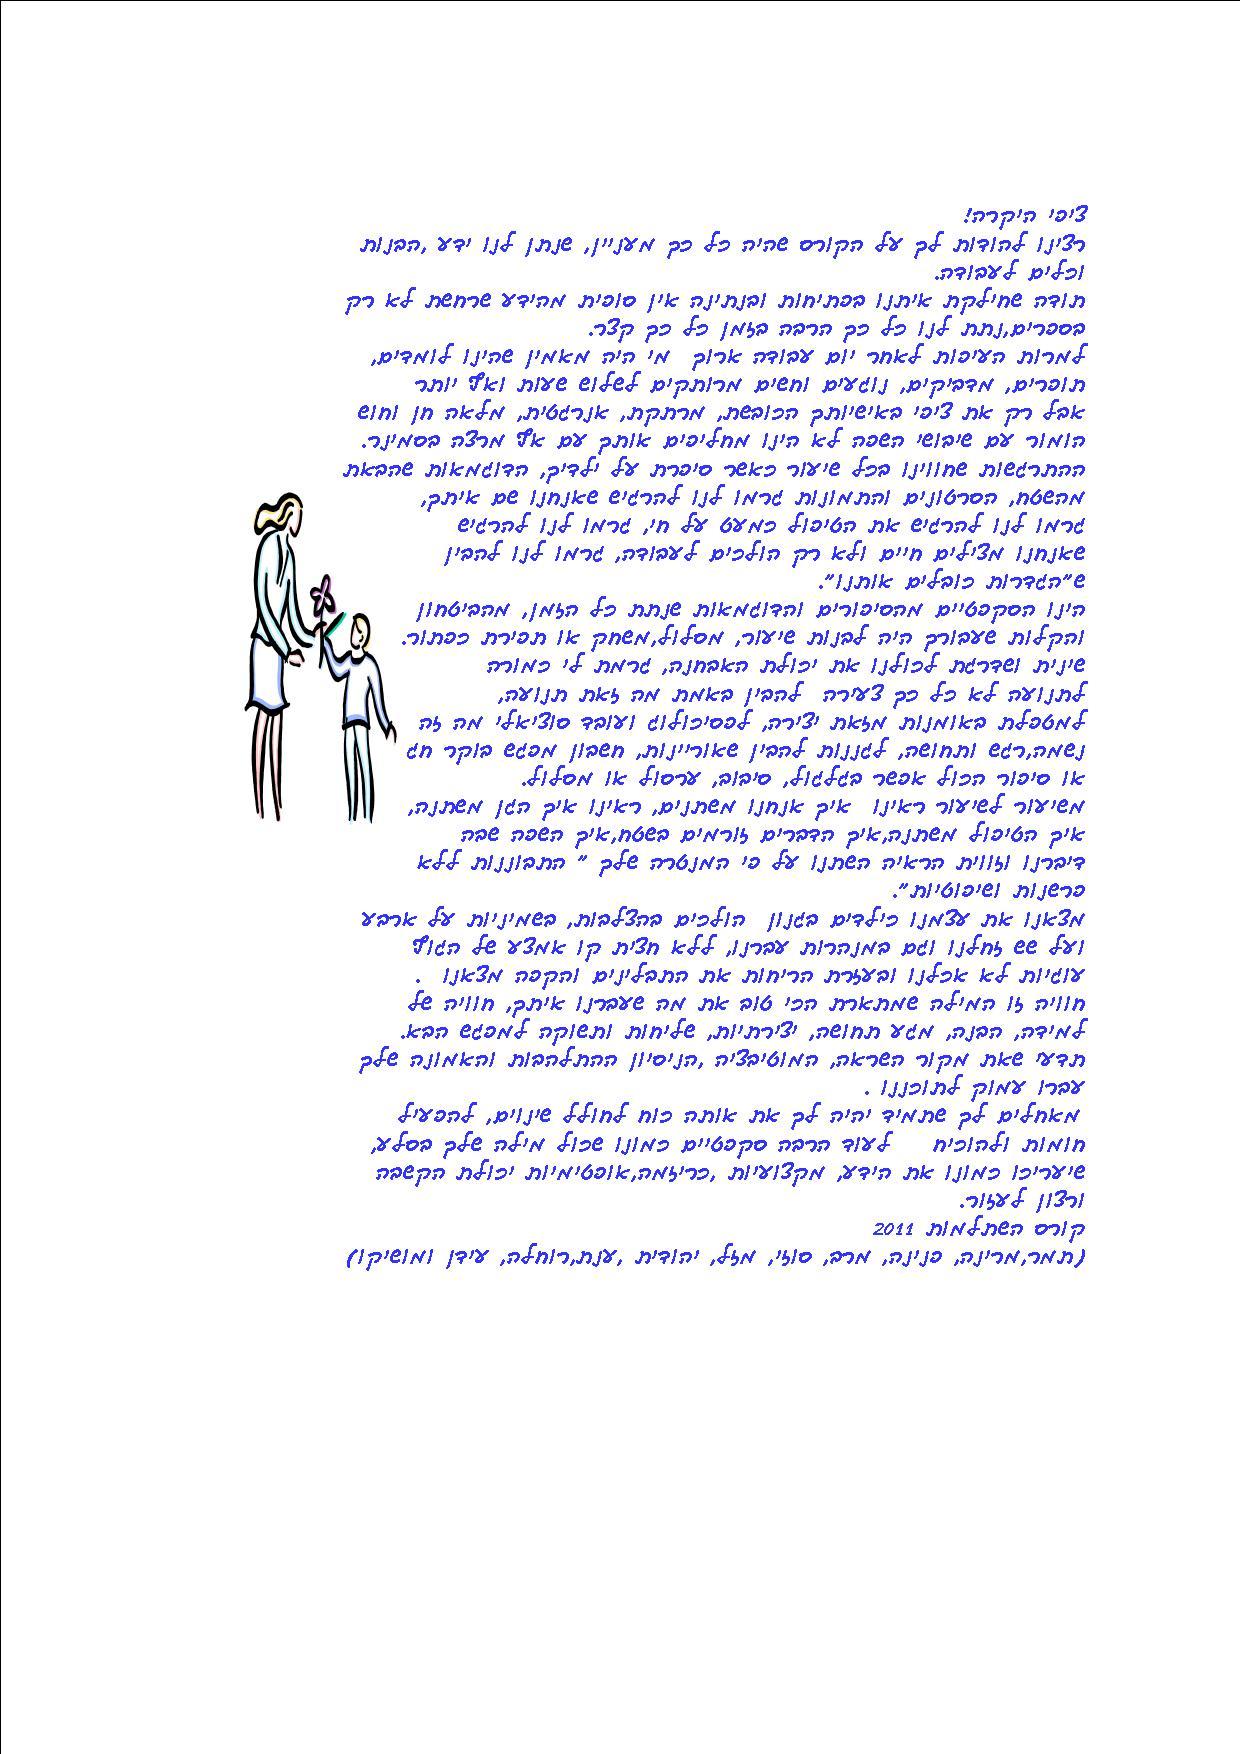 מכתב קורס מטפלים